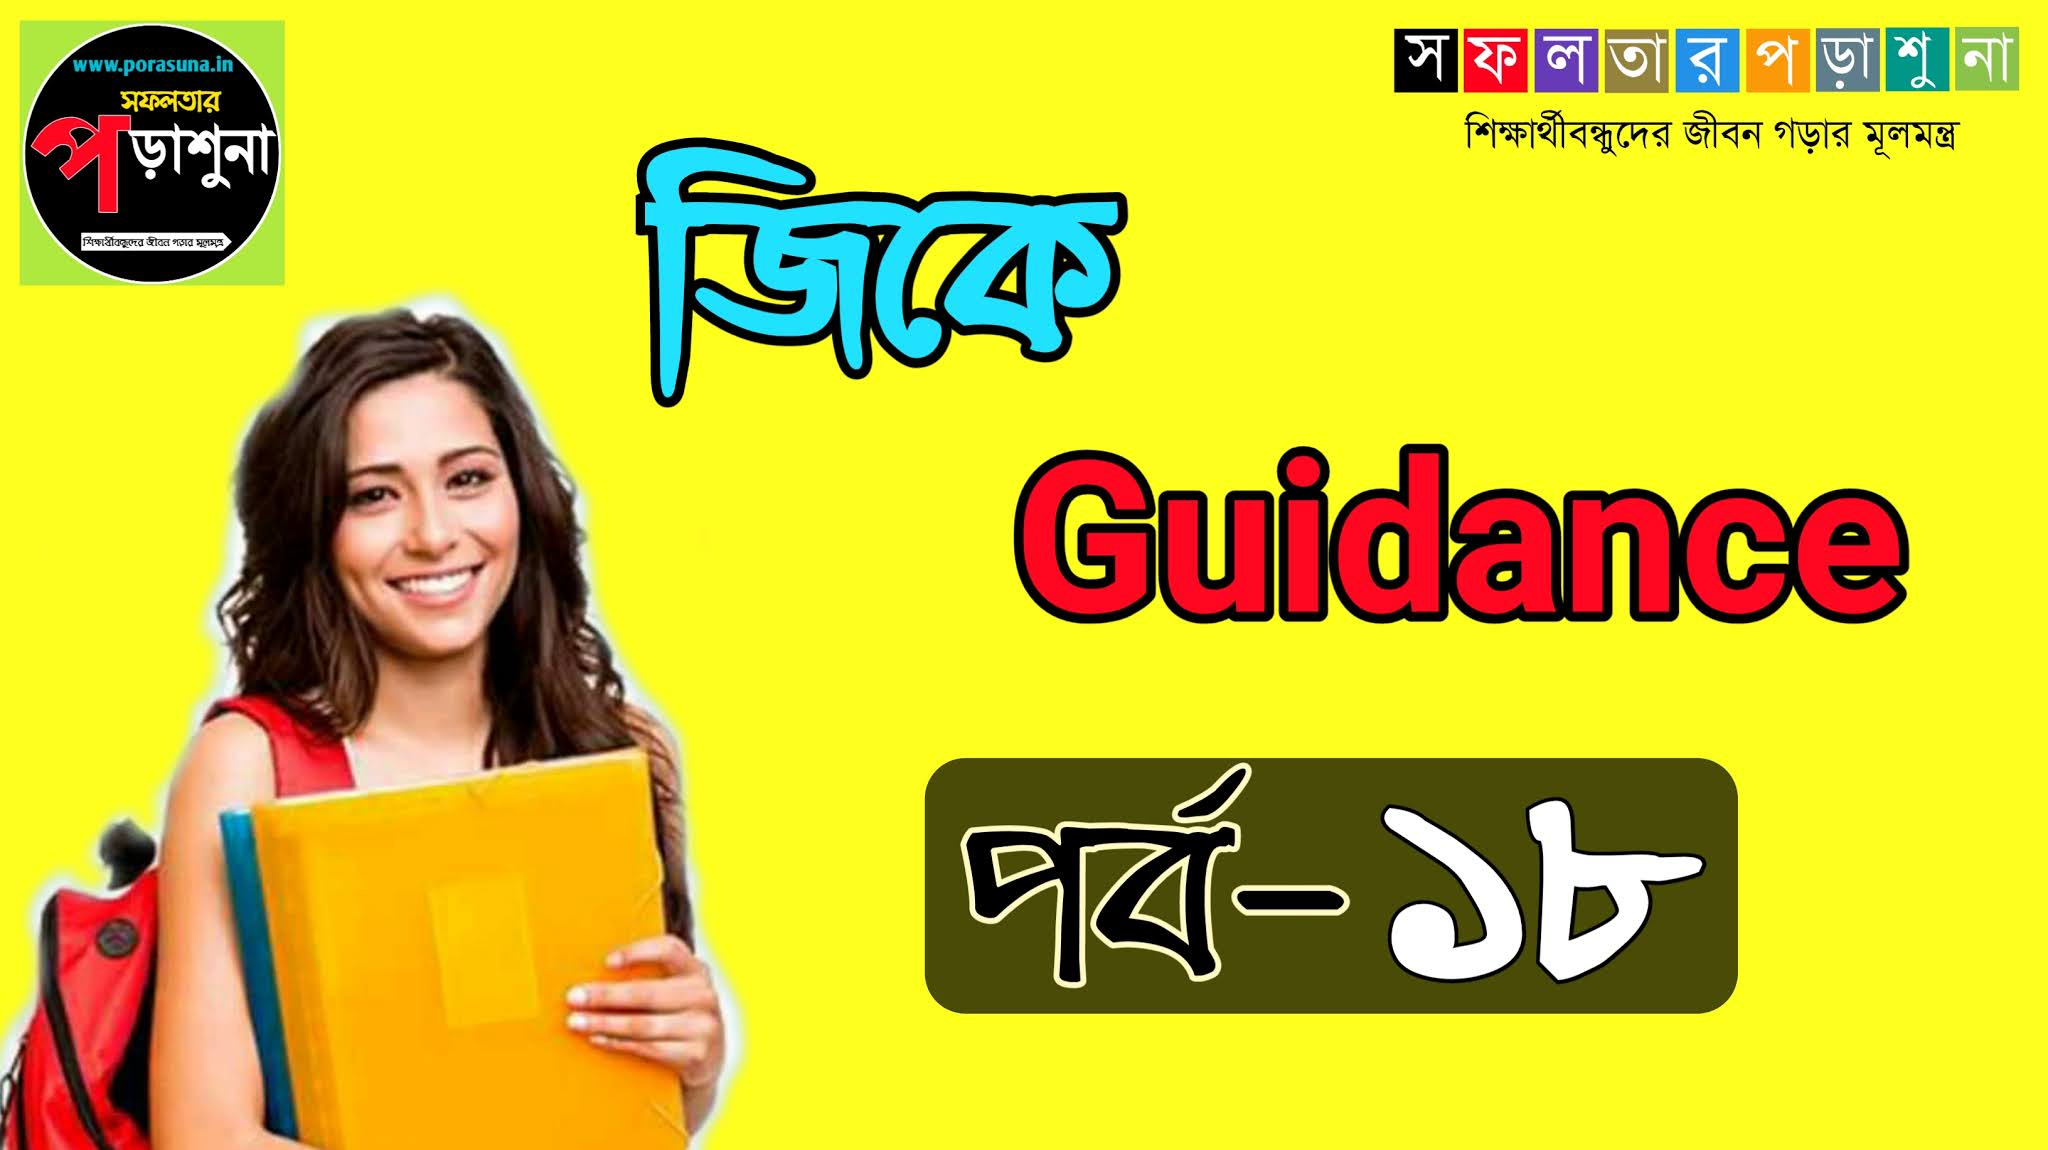 জিকে - Gk Guidance (Part-18) in Bengali for All Competitive Exams - WBCS / RAILWAY /PSC /SSC /WBP etc    বাংলায় জিকে Guidance